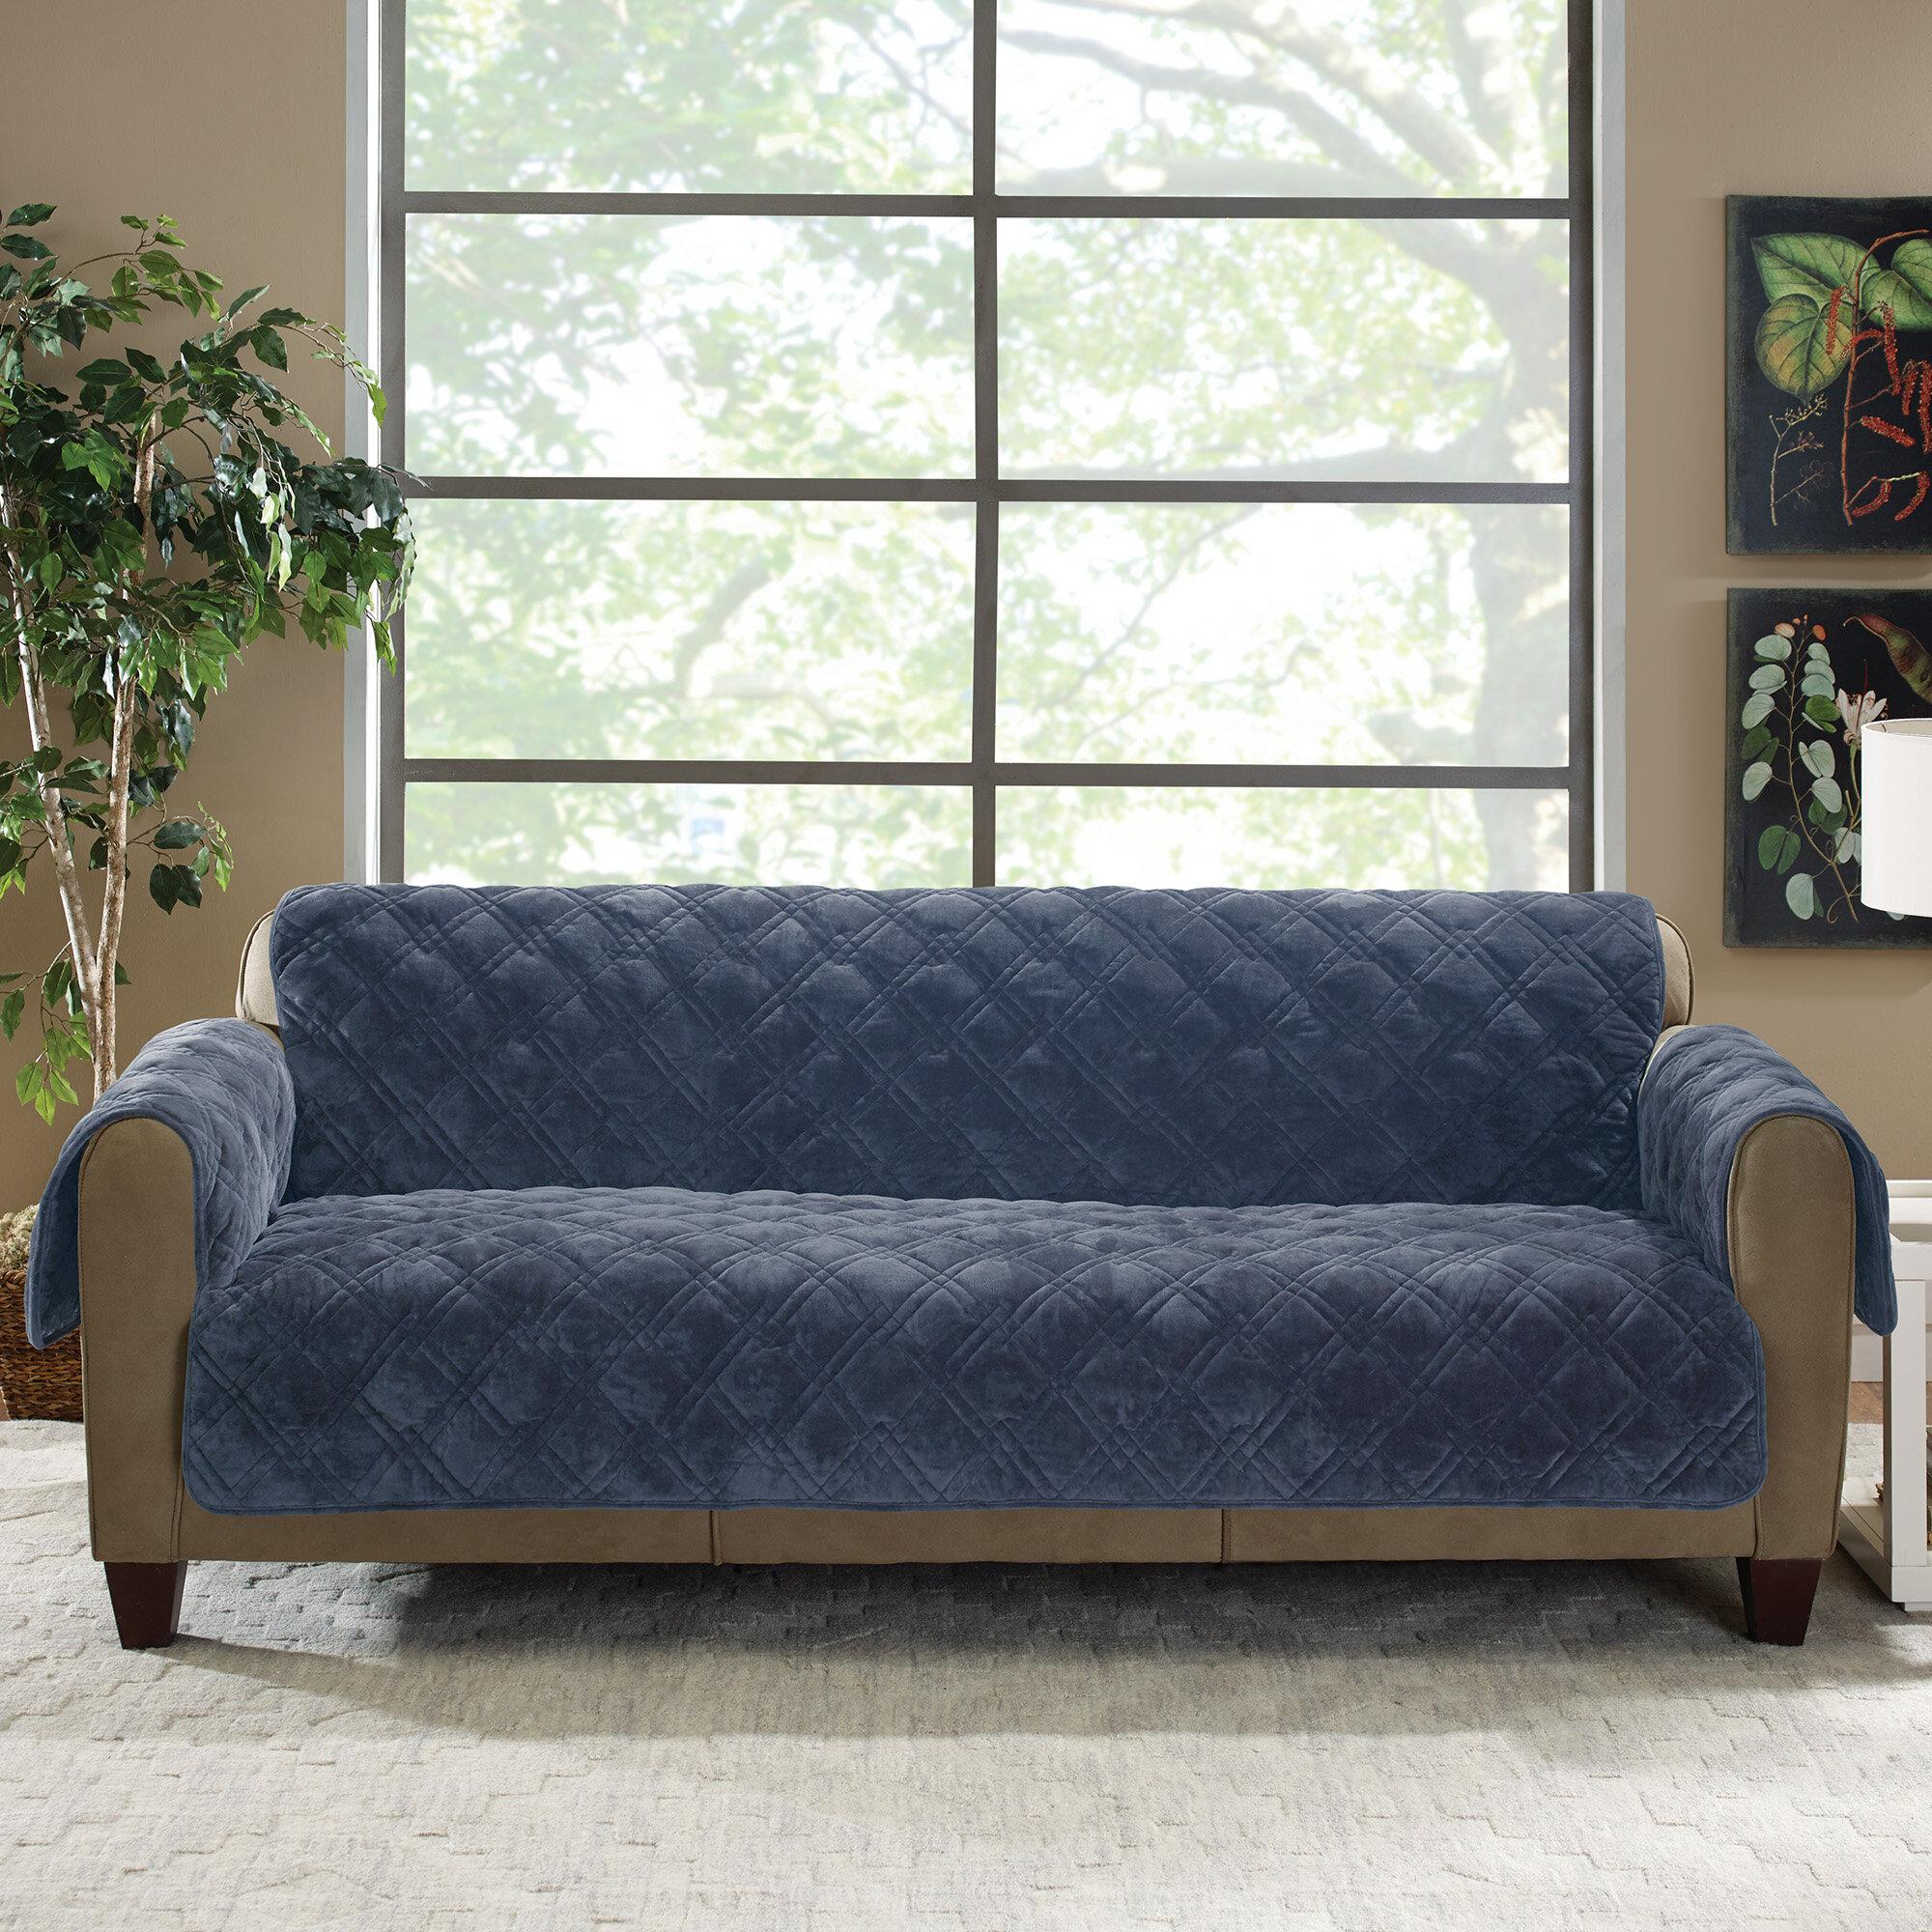 Sure Fit Plush Comfort Sofa Slipcover U0026 Reviews | Wayfair